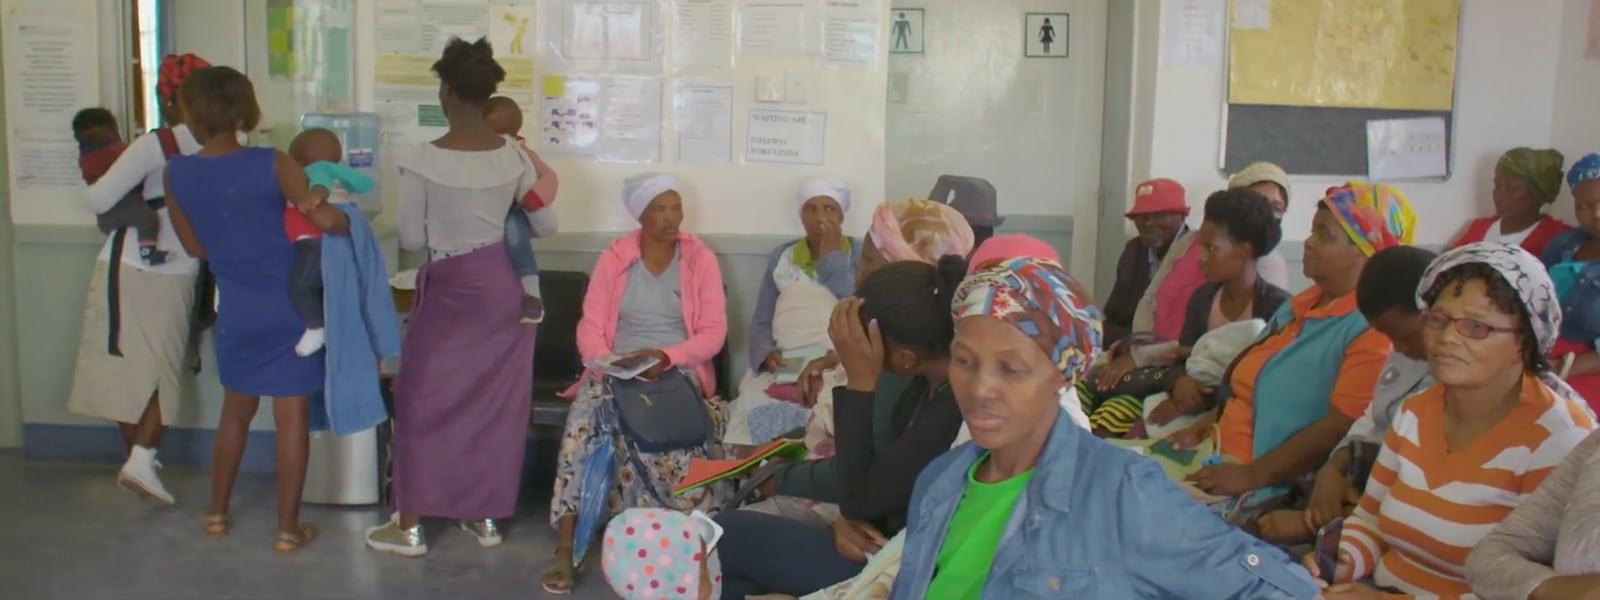 Un gruppo di donne nel centro sanitario